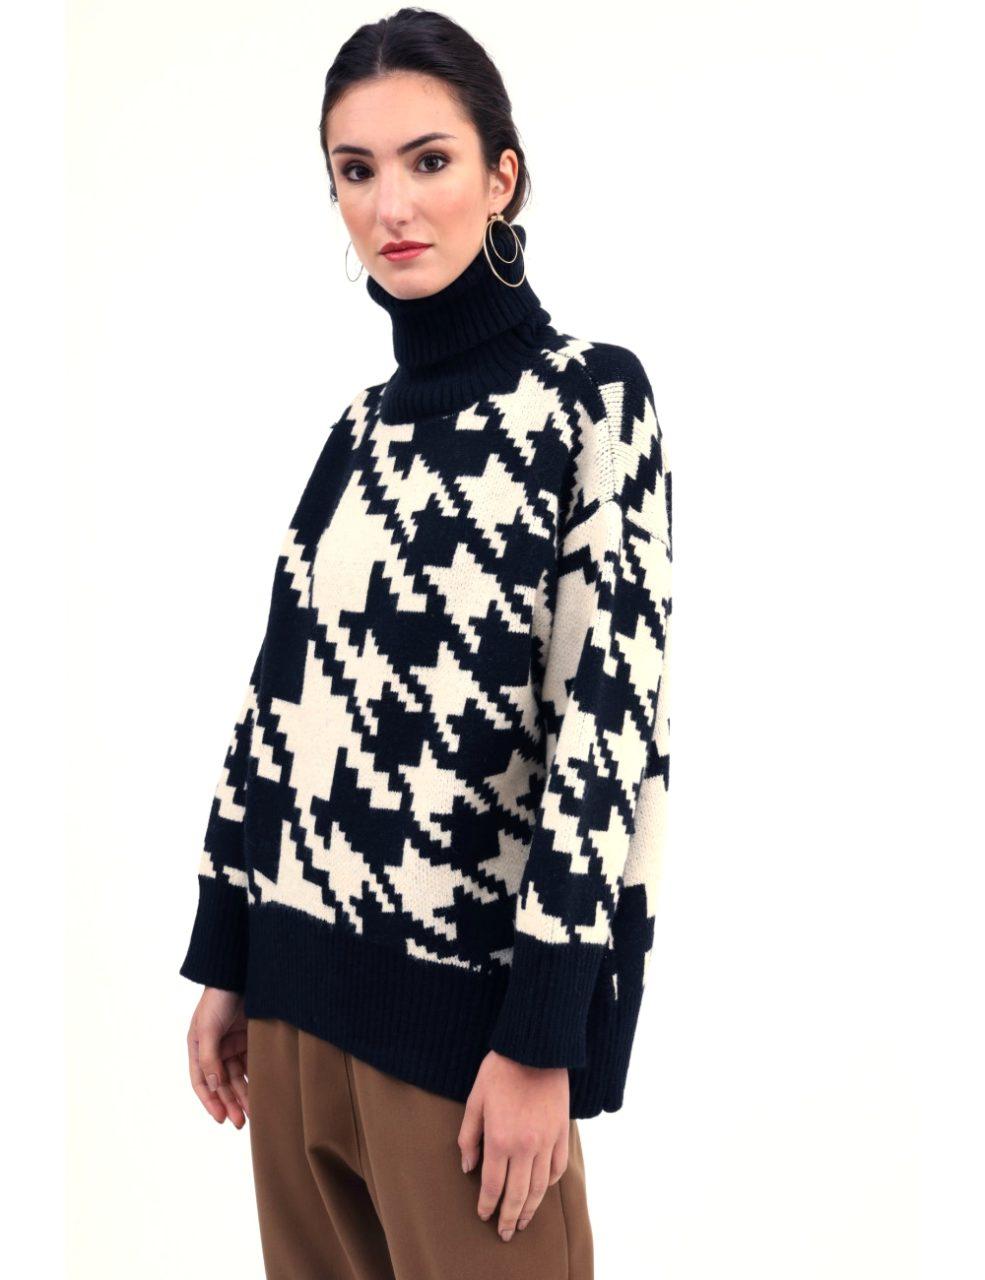 Susy mix πλεκτό πουλόβερ πιε-ντε-πουλ